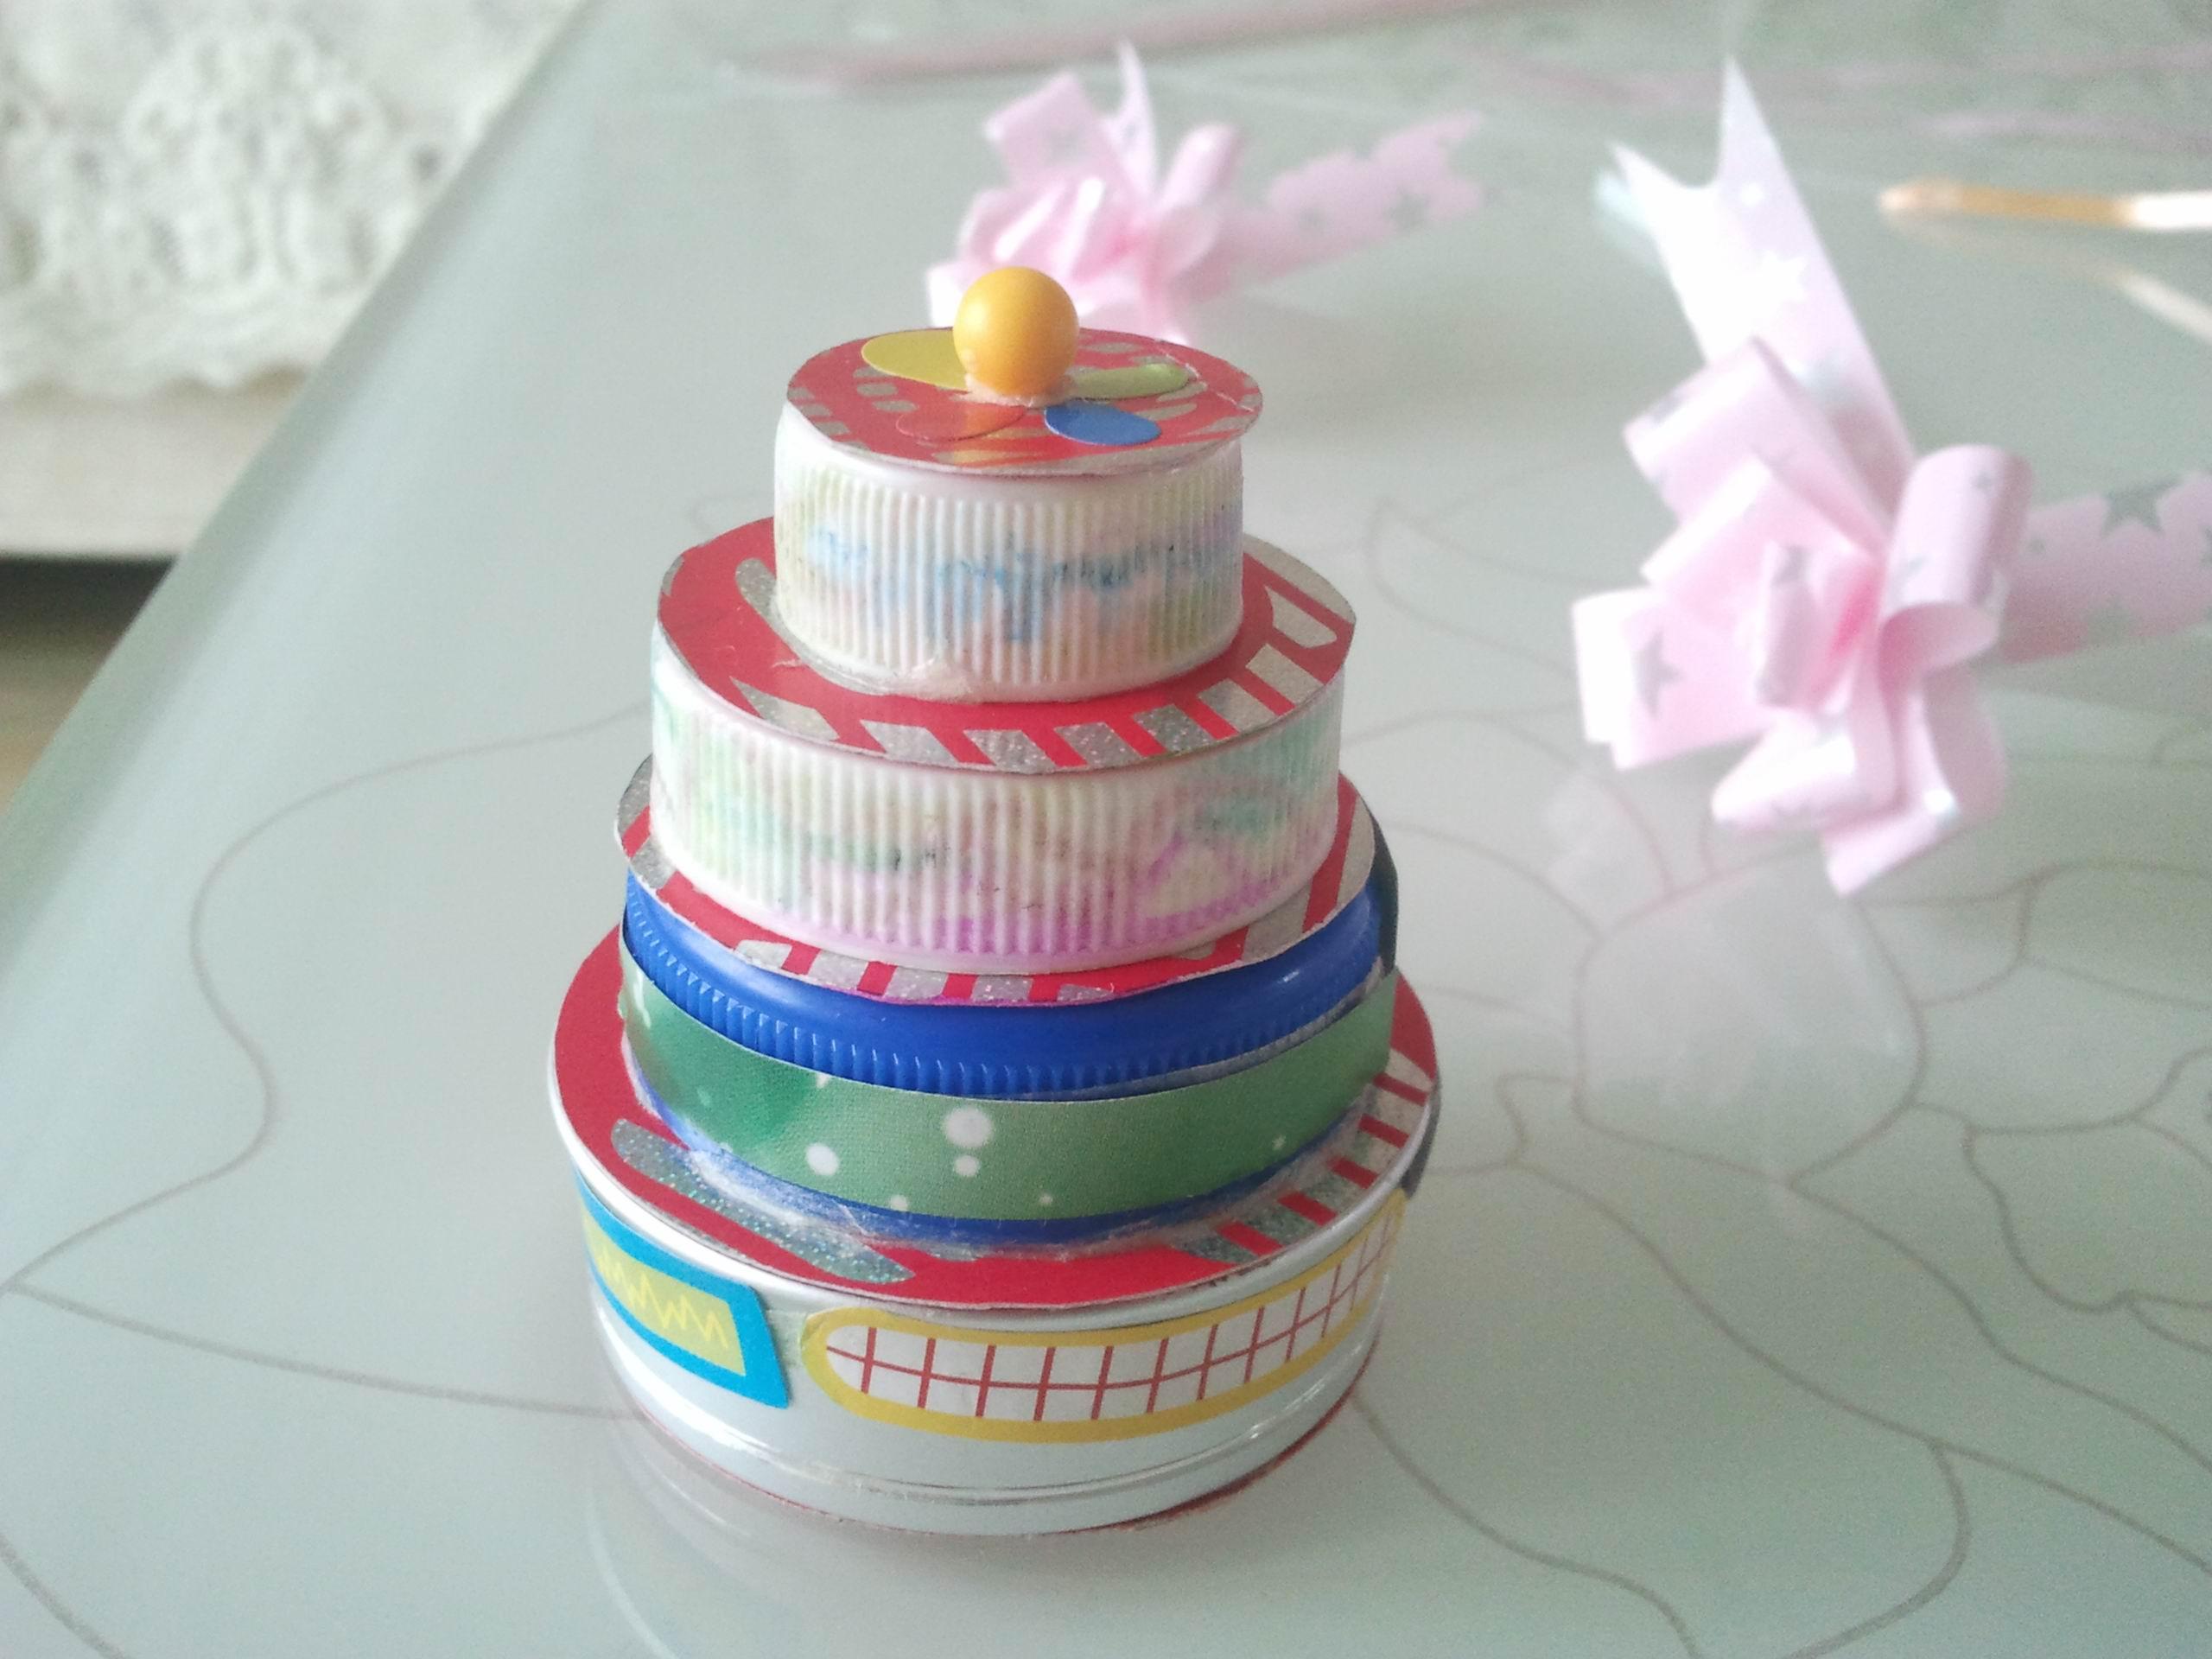 手工制作生日贺卡及生日蛋糕